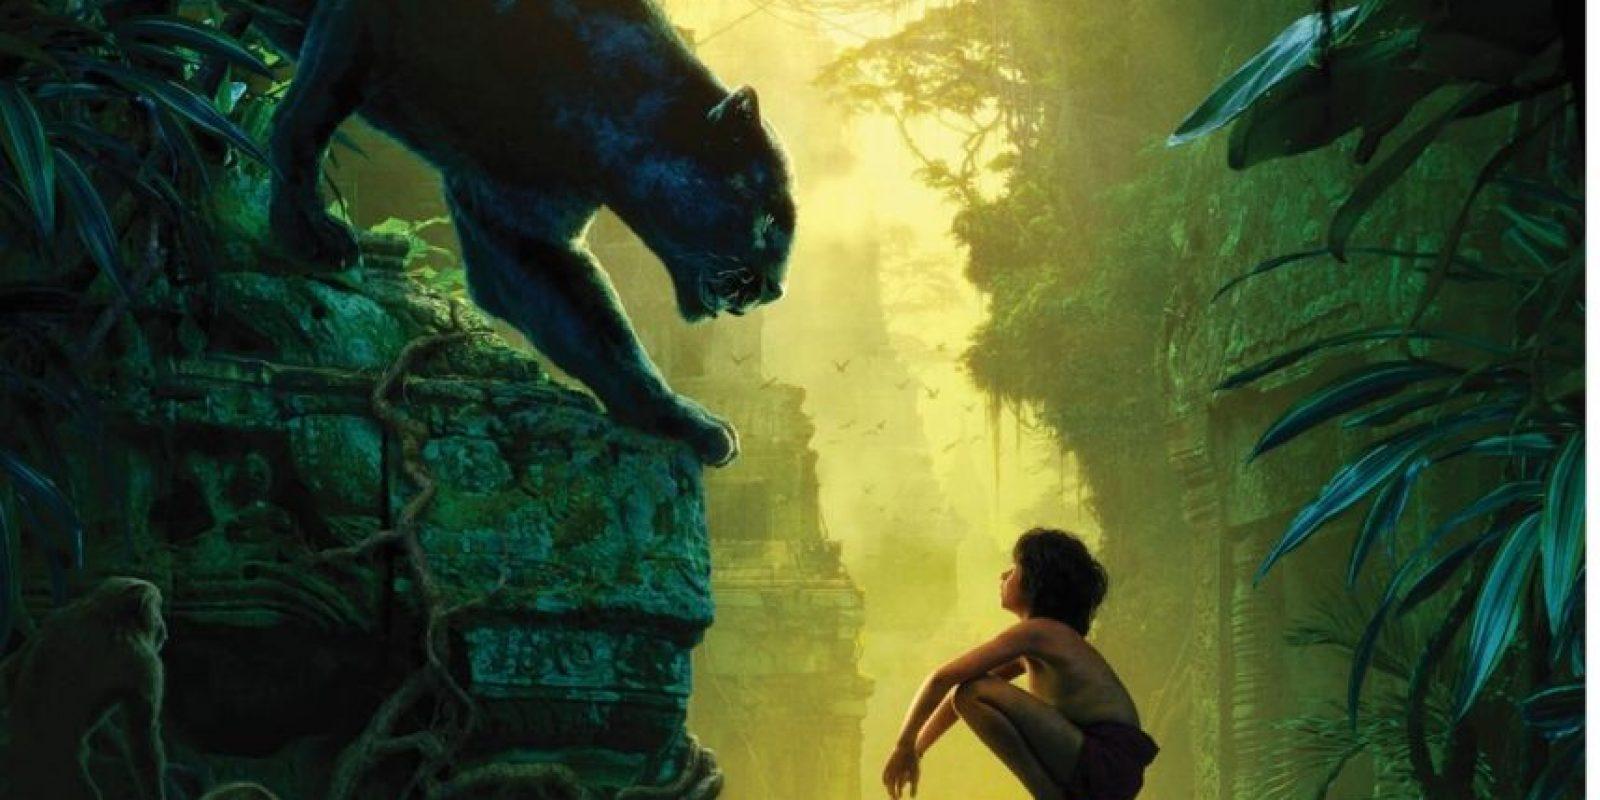 """El libro de la selva Sí, sí, es probable que no necesitara rehacerse, pero está sucediendo de todos modos. Esta vez, El libro de la selva se convierte en una animación en vivo, con el actor infantil Neel Sethi (Mowgli), mientras que Bill Murray y Scarlett Johansson se reúnen como las voces de Baloo el oso y la pitón Kaa, respectivamente. Esperemos que nada quede """"lost in translation"""" en esta adaptación. Fecha de lanzamiento: 15 de abril (EE.UU.)"""